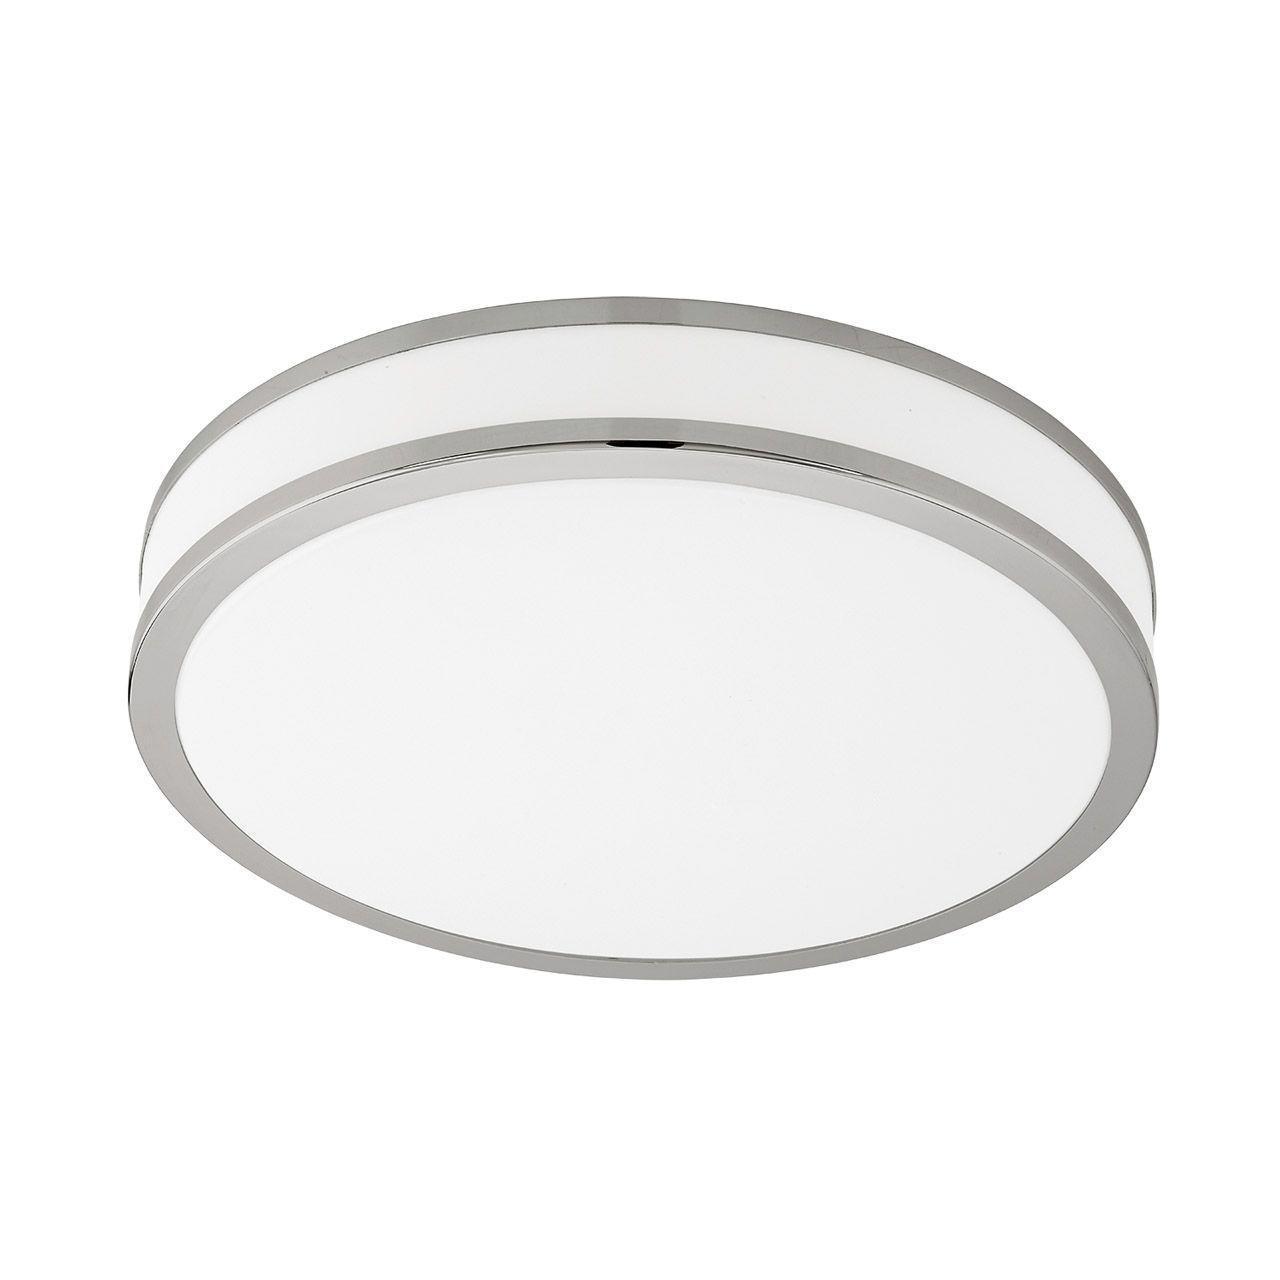 Потолочный светодиодный светильник Eglo Palermo 3 95685 потолочный светодиодный светильник eglo led palermo 94998